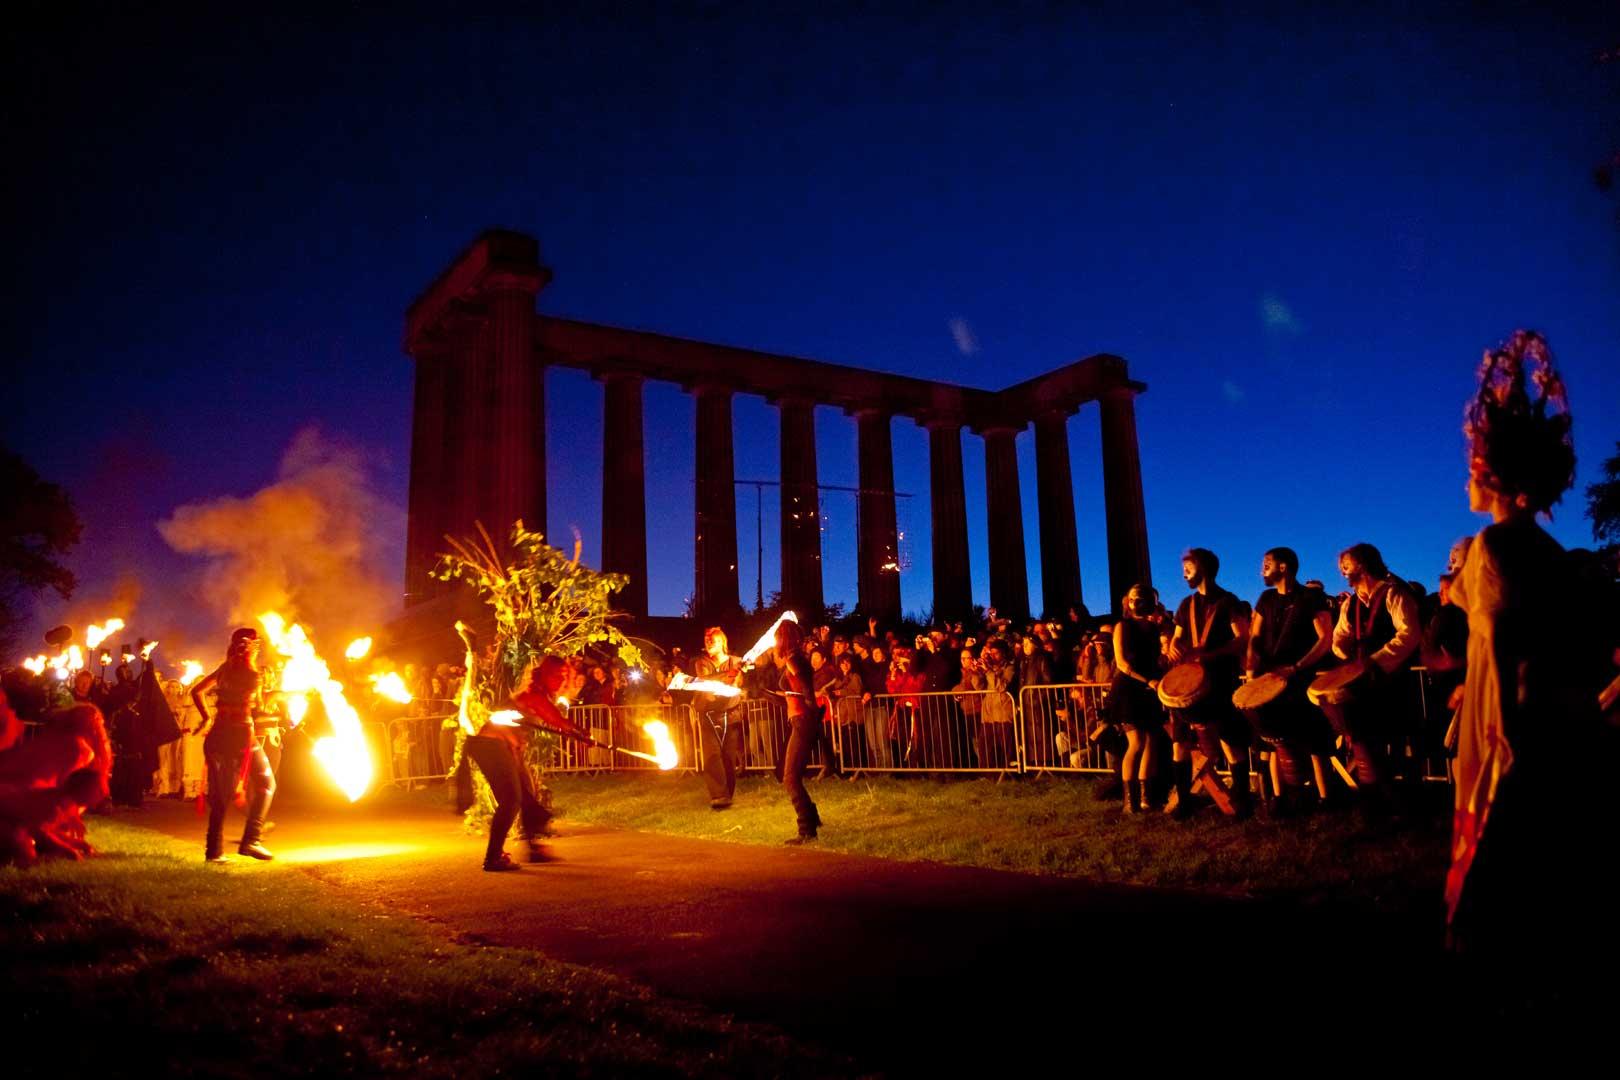 Beltane Fire Festival 2018 | Edinburgh Festival Guide